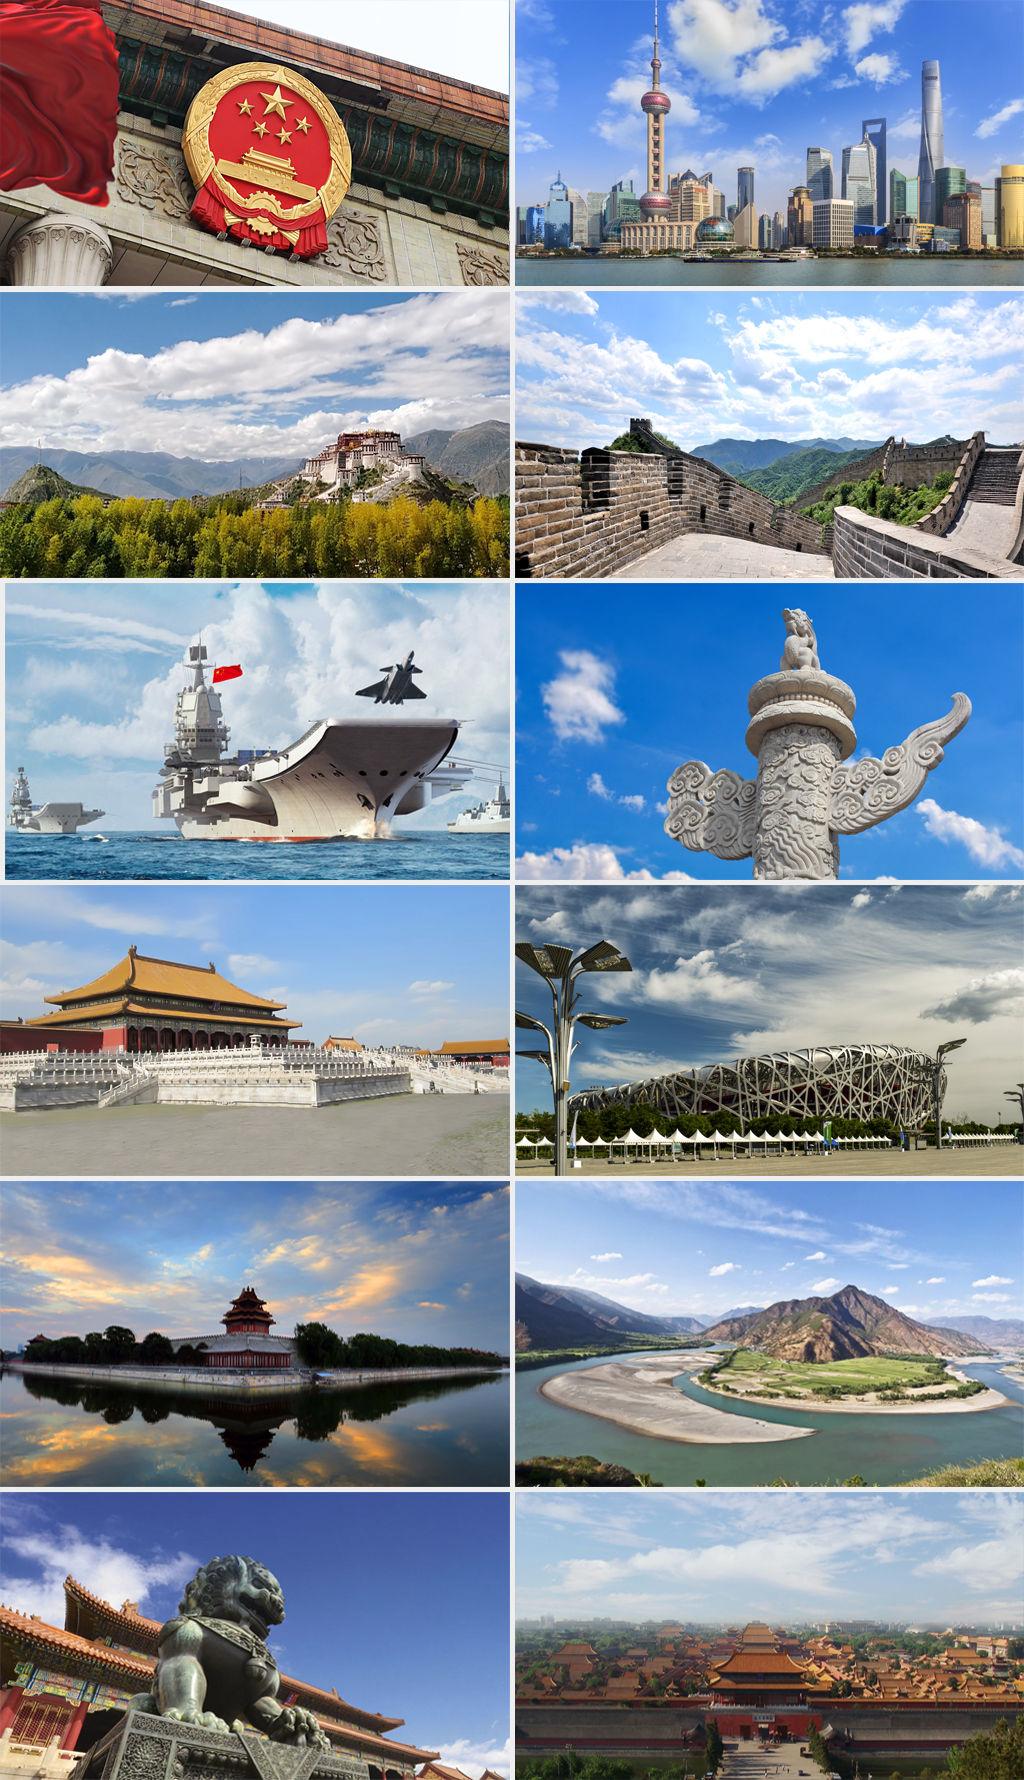 恢宏大气中国宣传视频素材